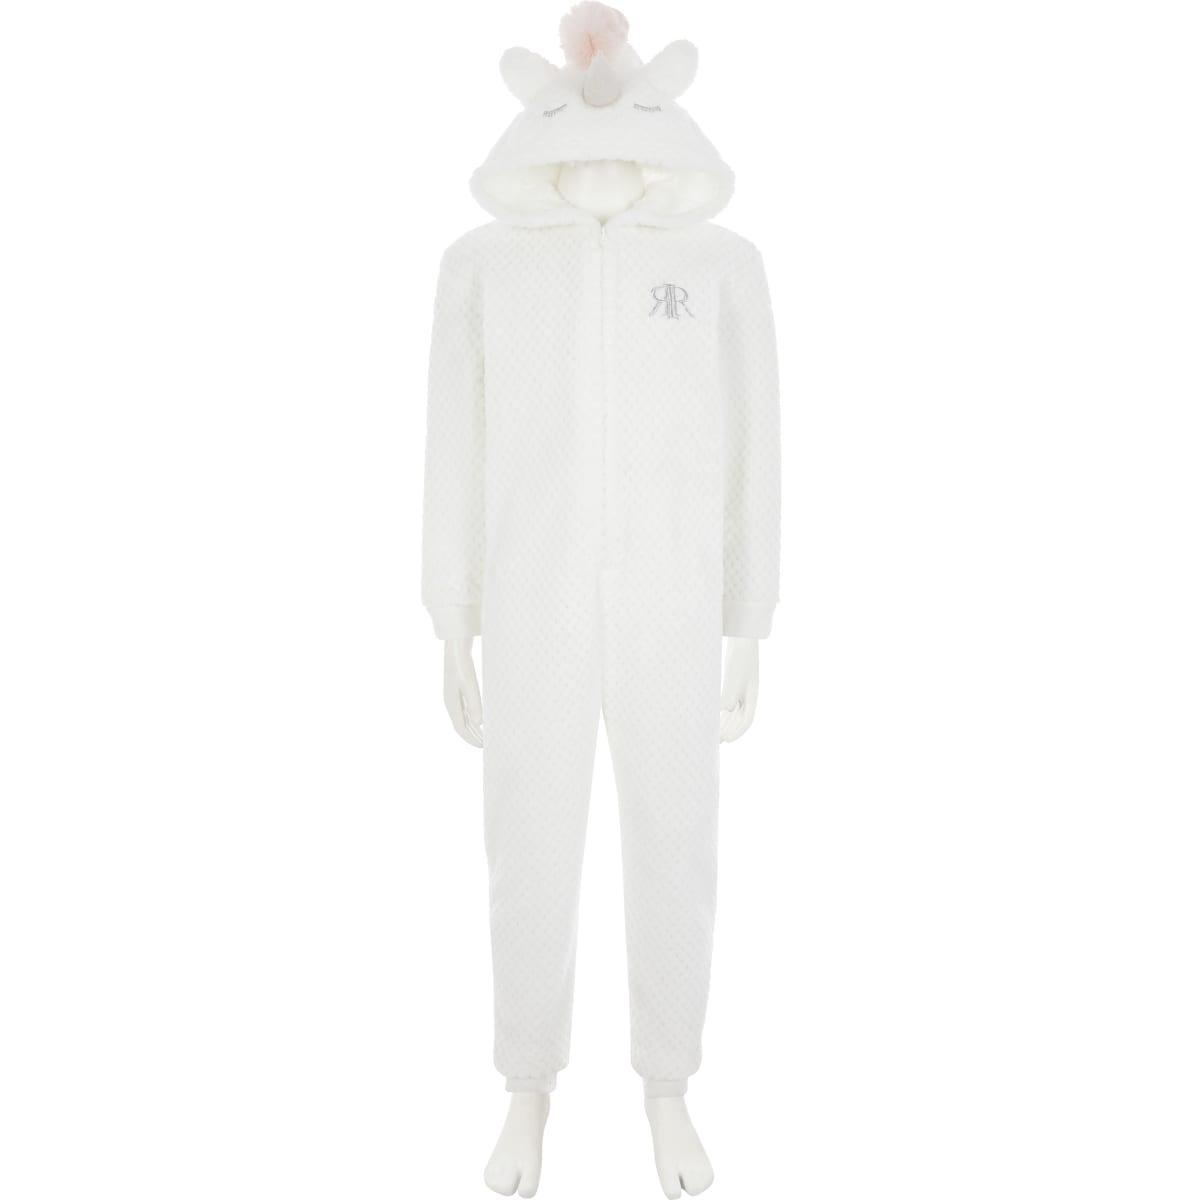 Girls white unicorn onesie